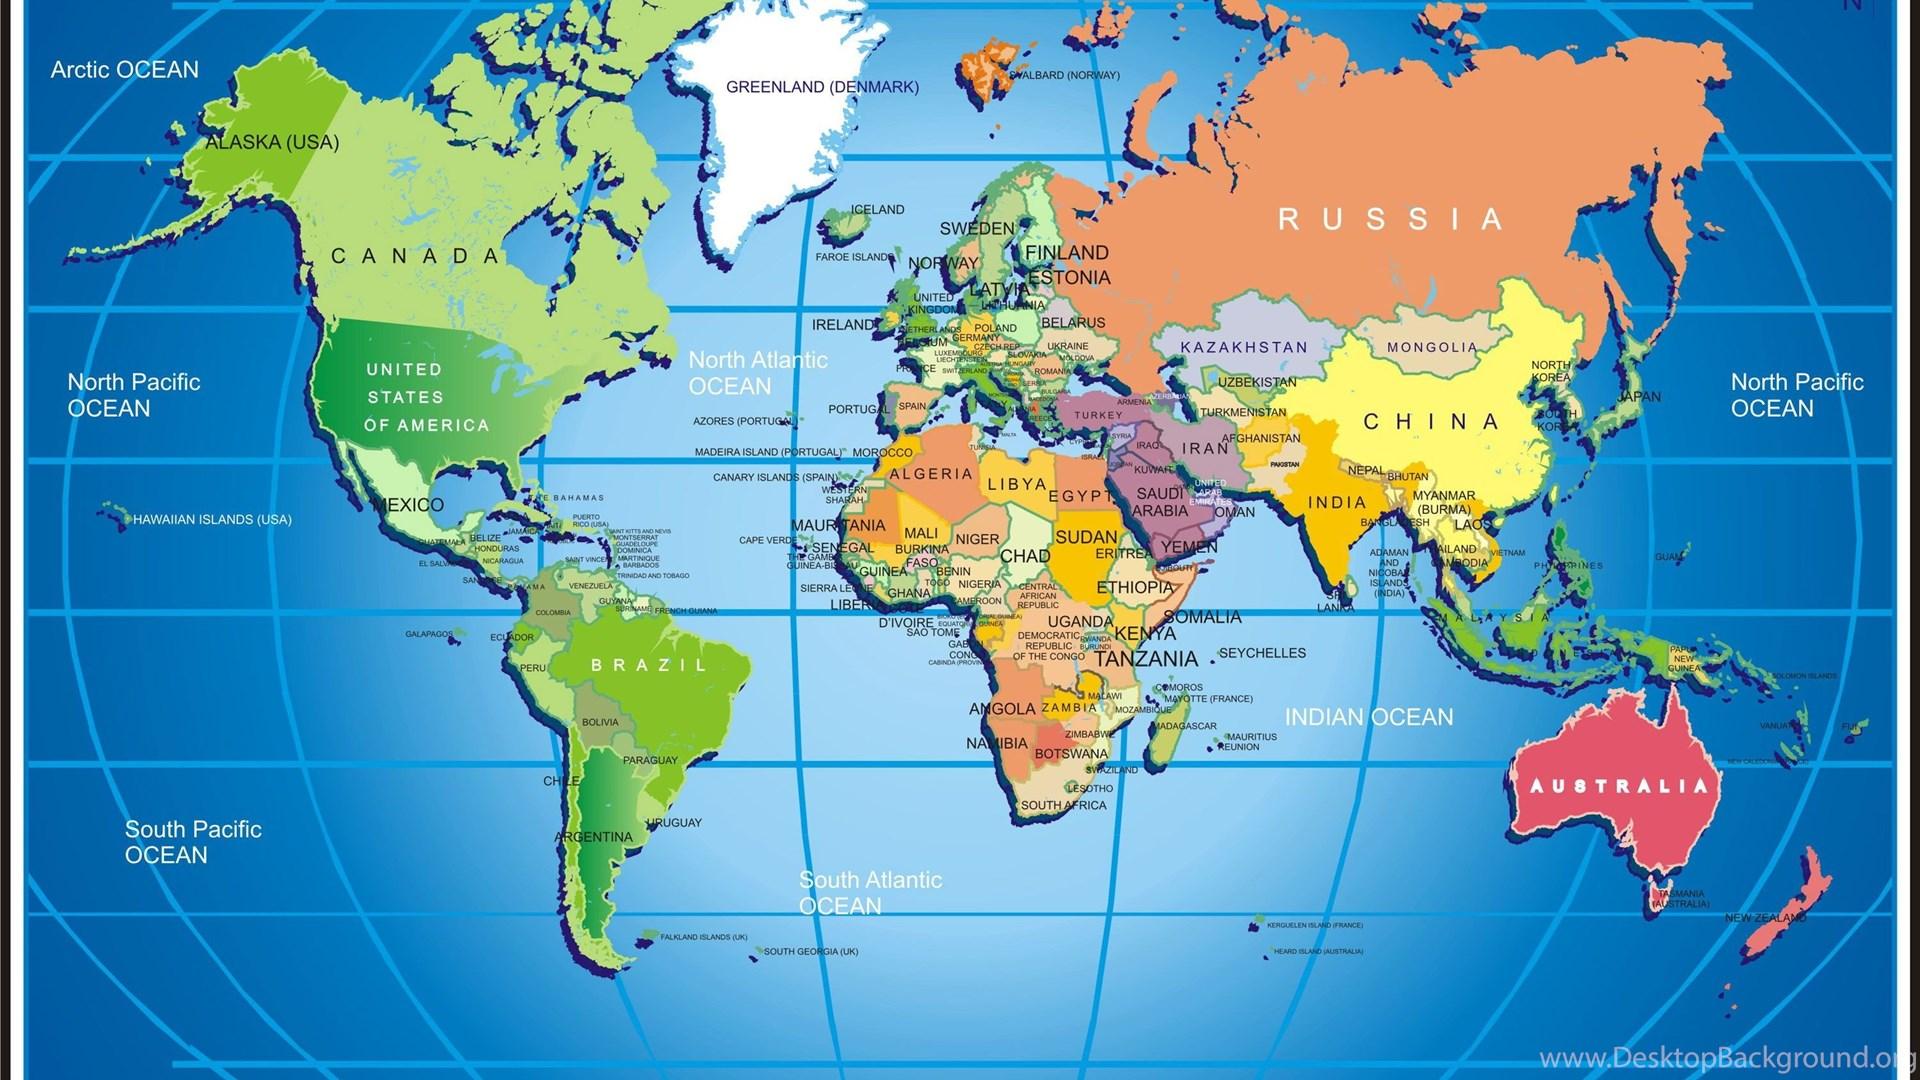 World Map Desktop Wallpaper 1920x1080.Widescreen World Map Hd Wallpaper Download World Map Free Jpg